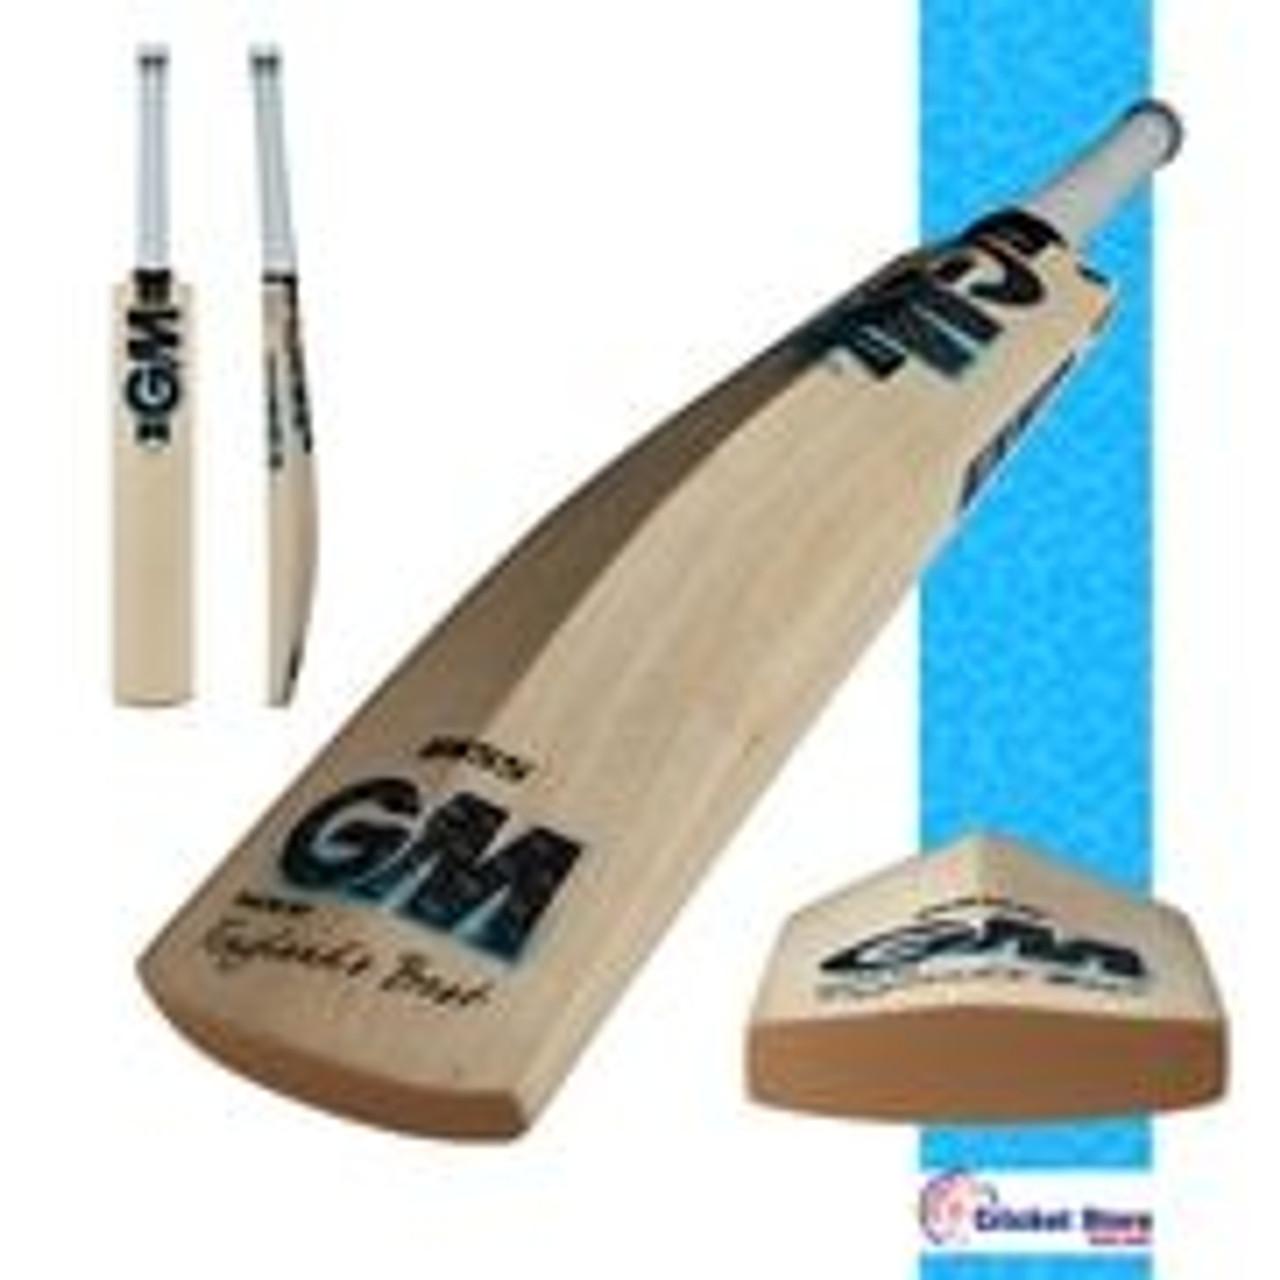 GM Neon Cricket Bat